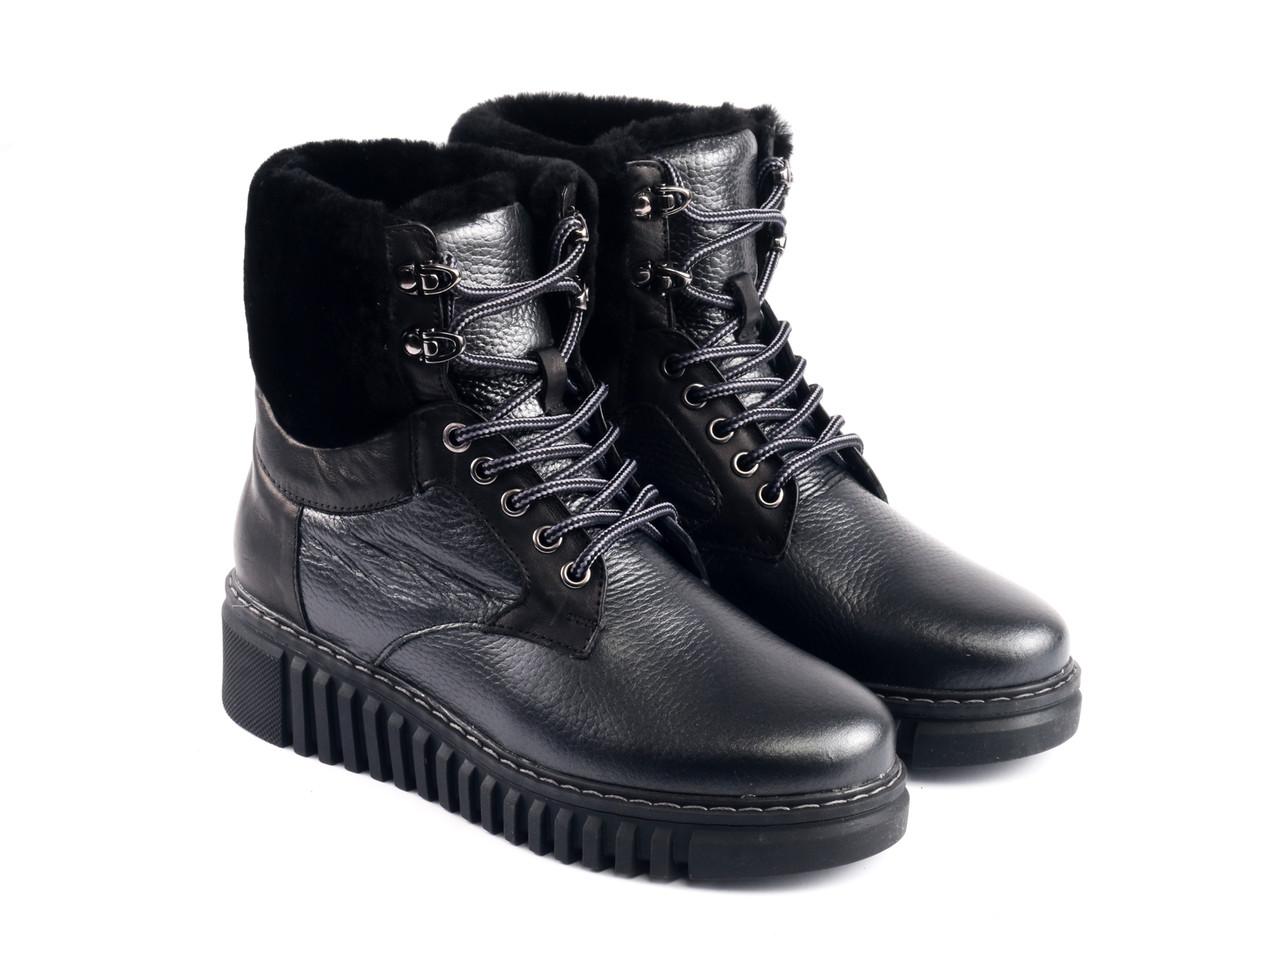 Ботинки Etor 6720-18406-14173 антрацит